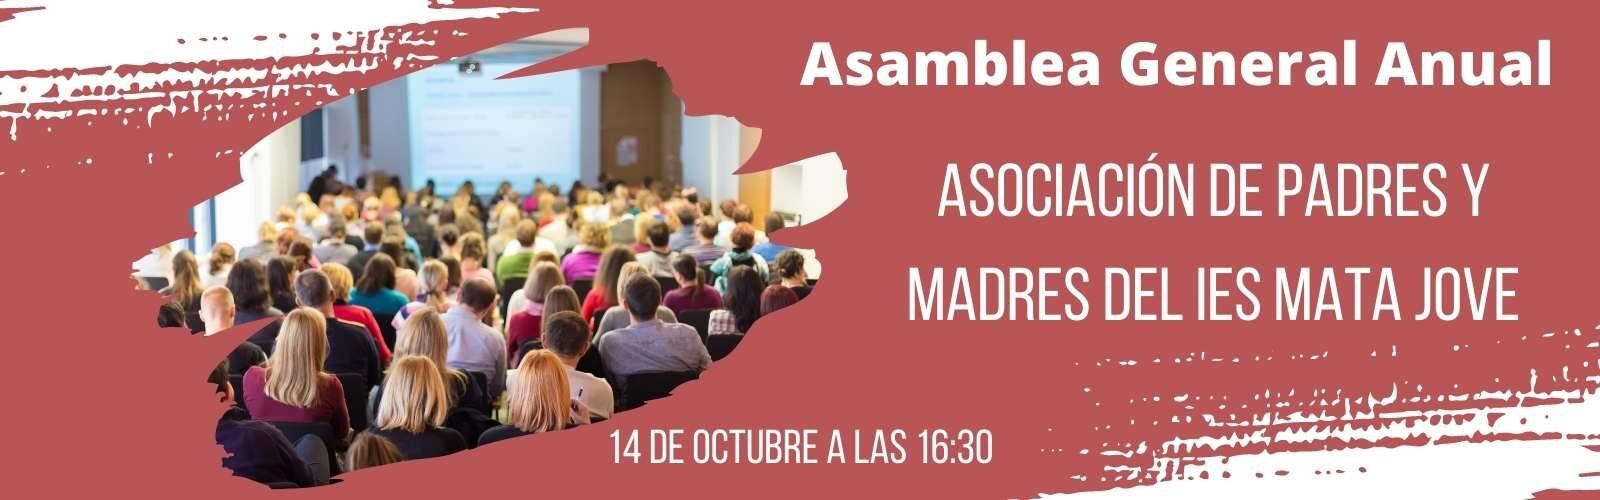 Asamblea General Anual de la Asociación de Madres y Padres